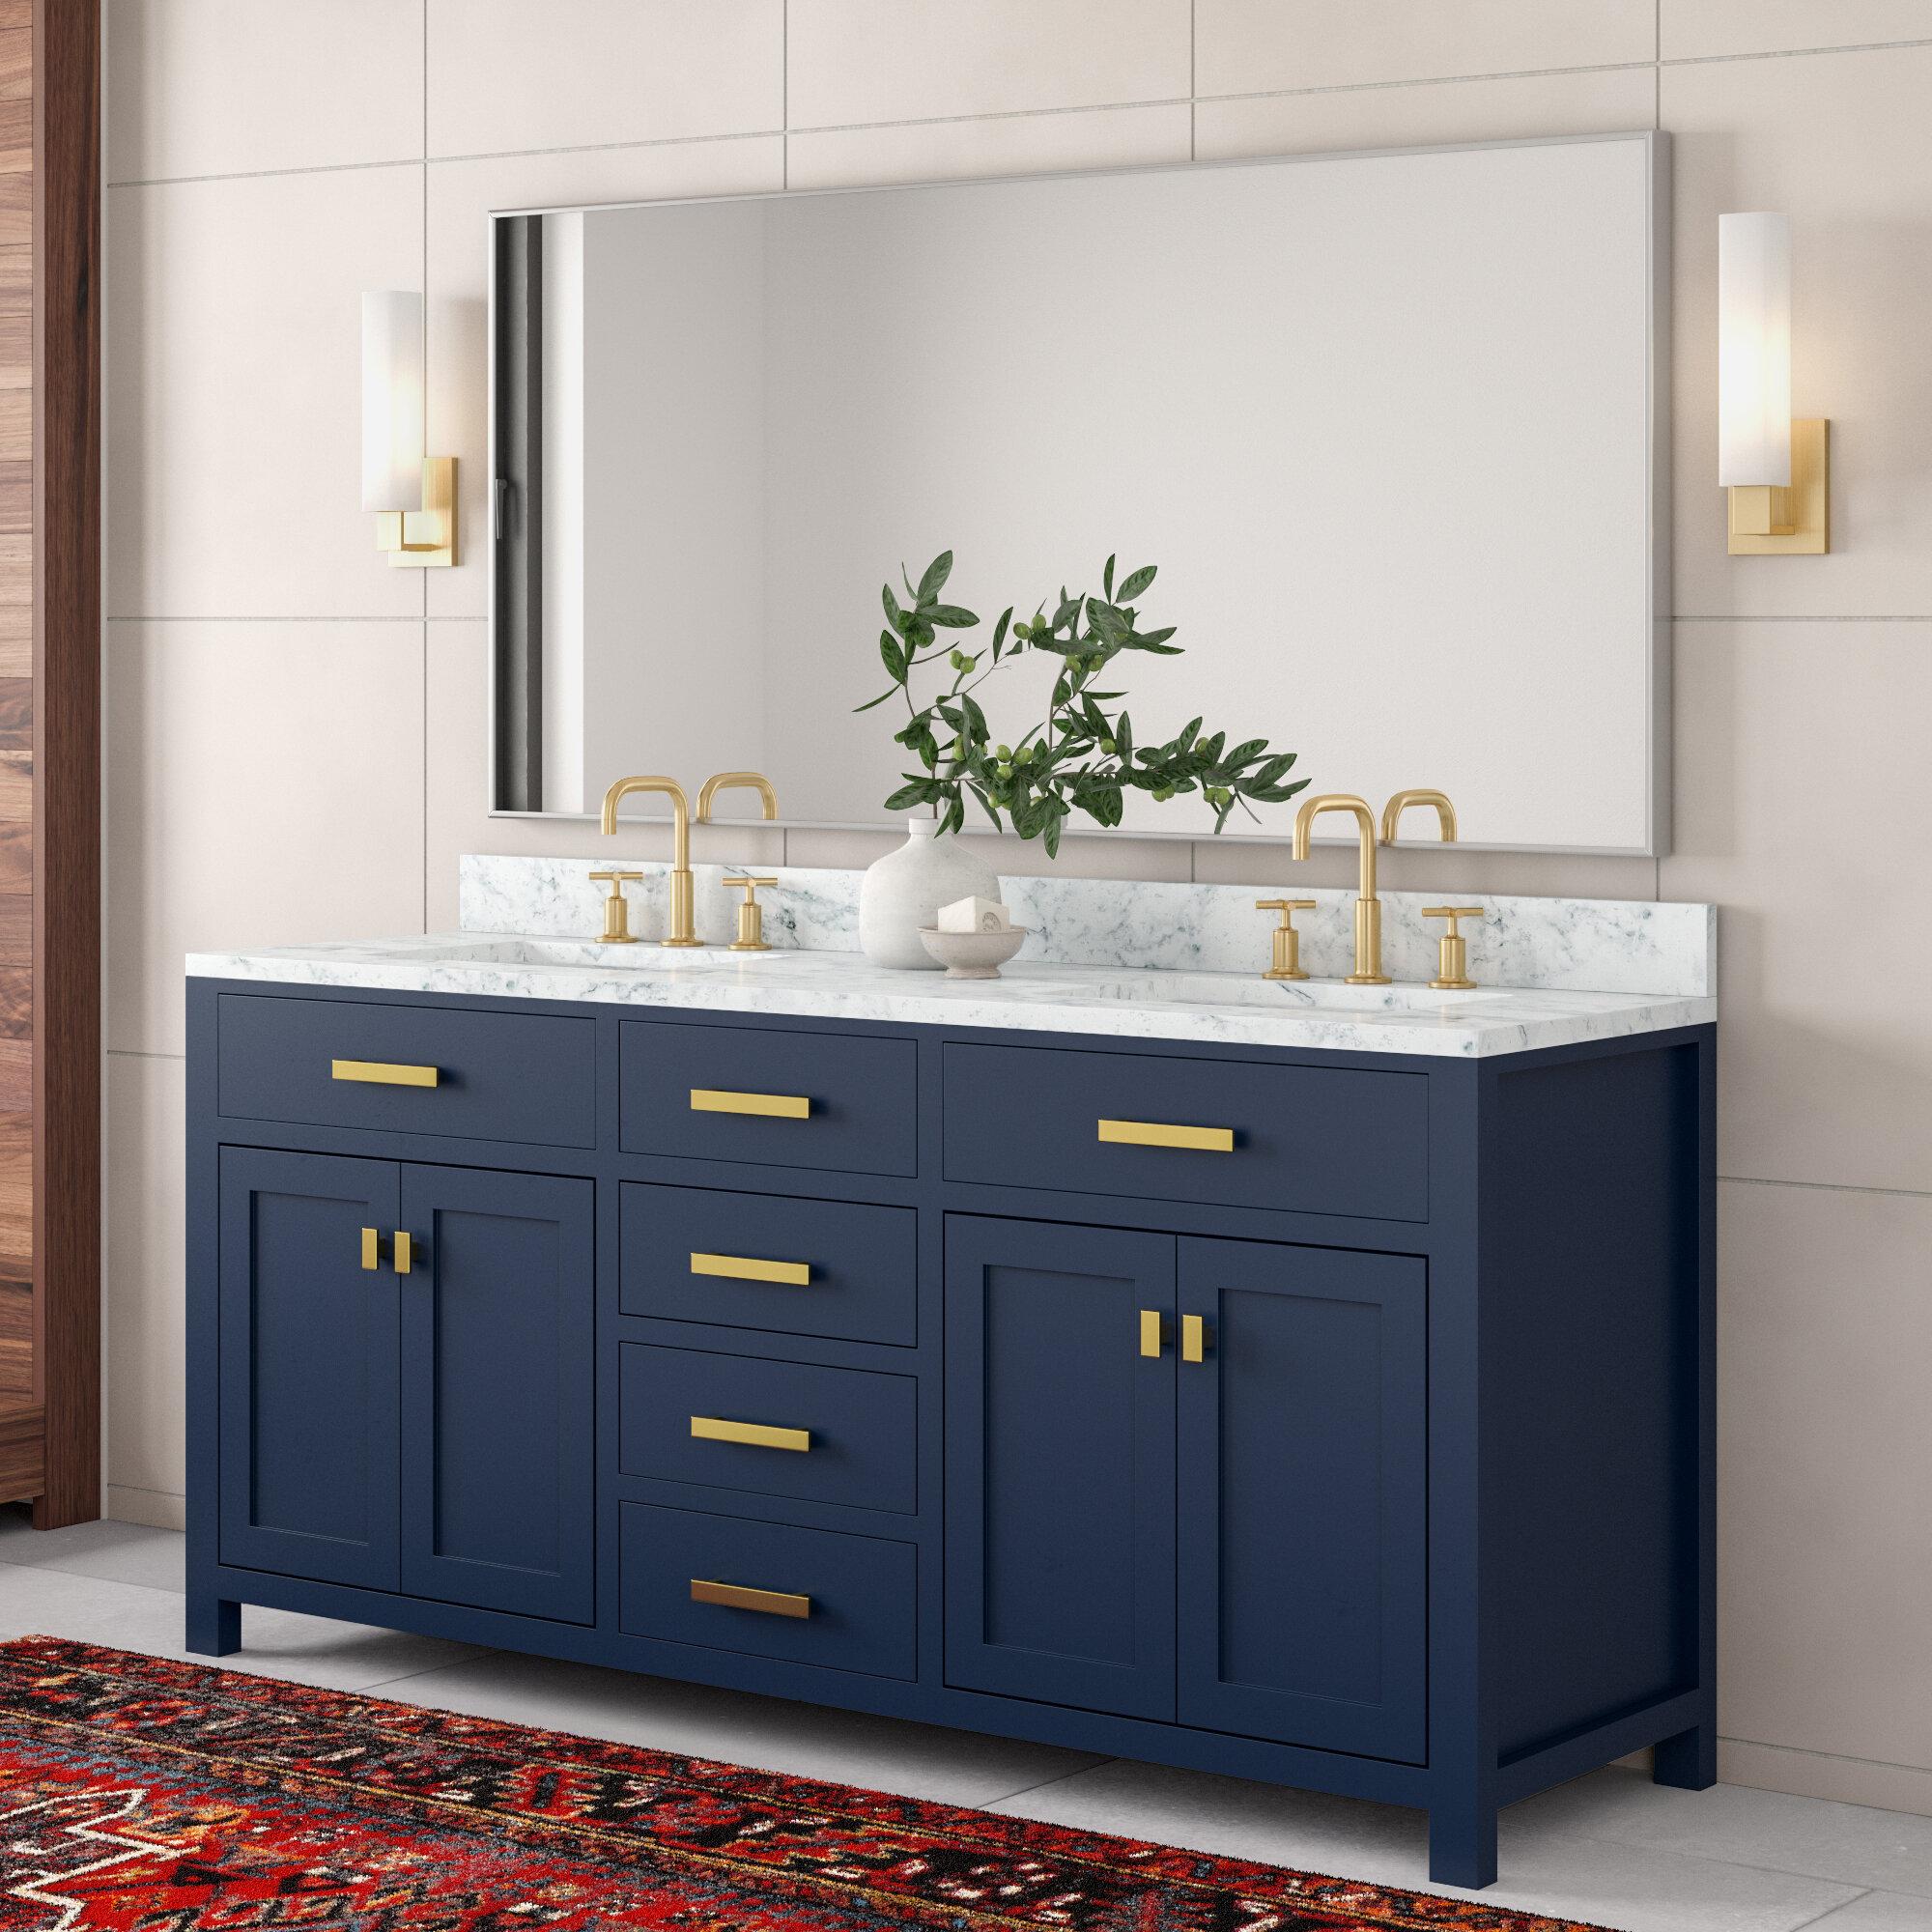 https://competitivewoodcraft.com/wp-content/uploads/2020/11/Inset-doors-vanities..jpg